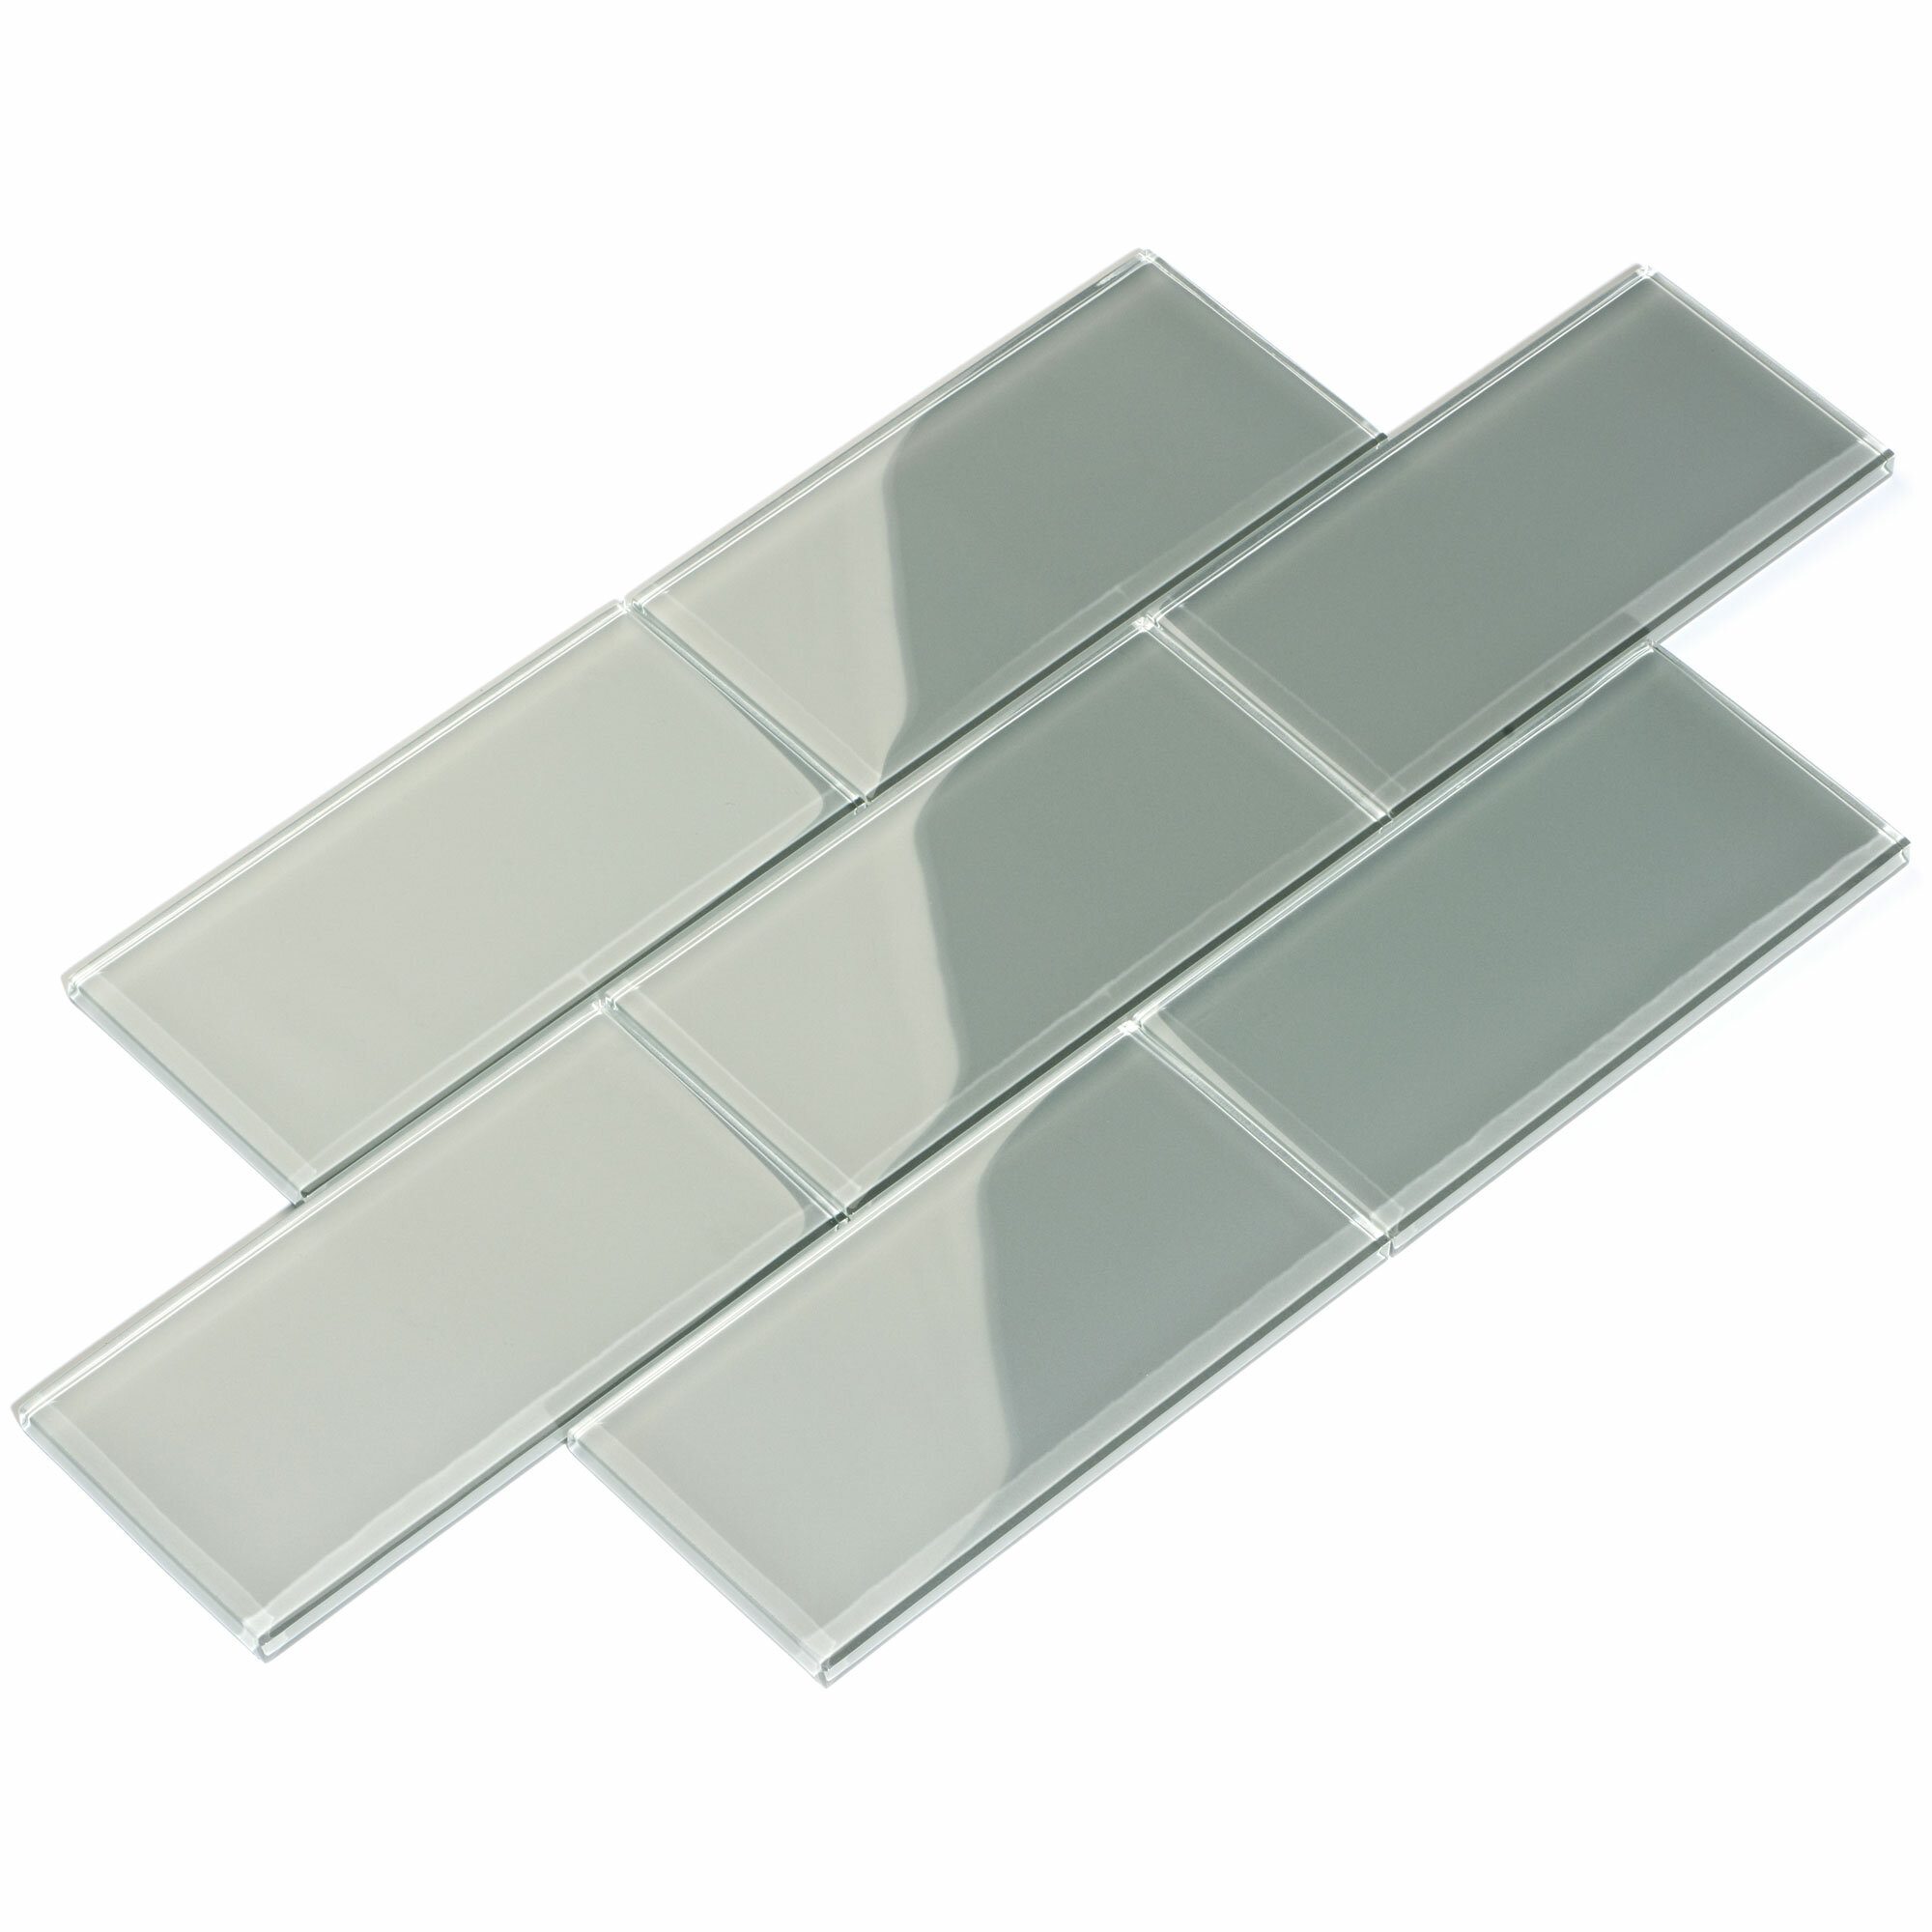 Giorbello 3 X 6 Glass Subway Tile In Gray Reviews Wayfair